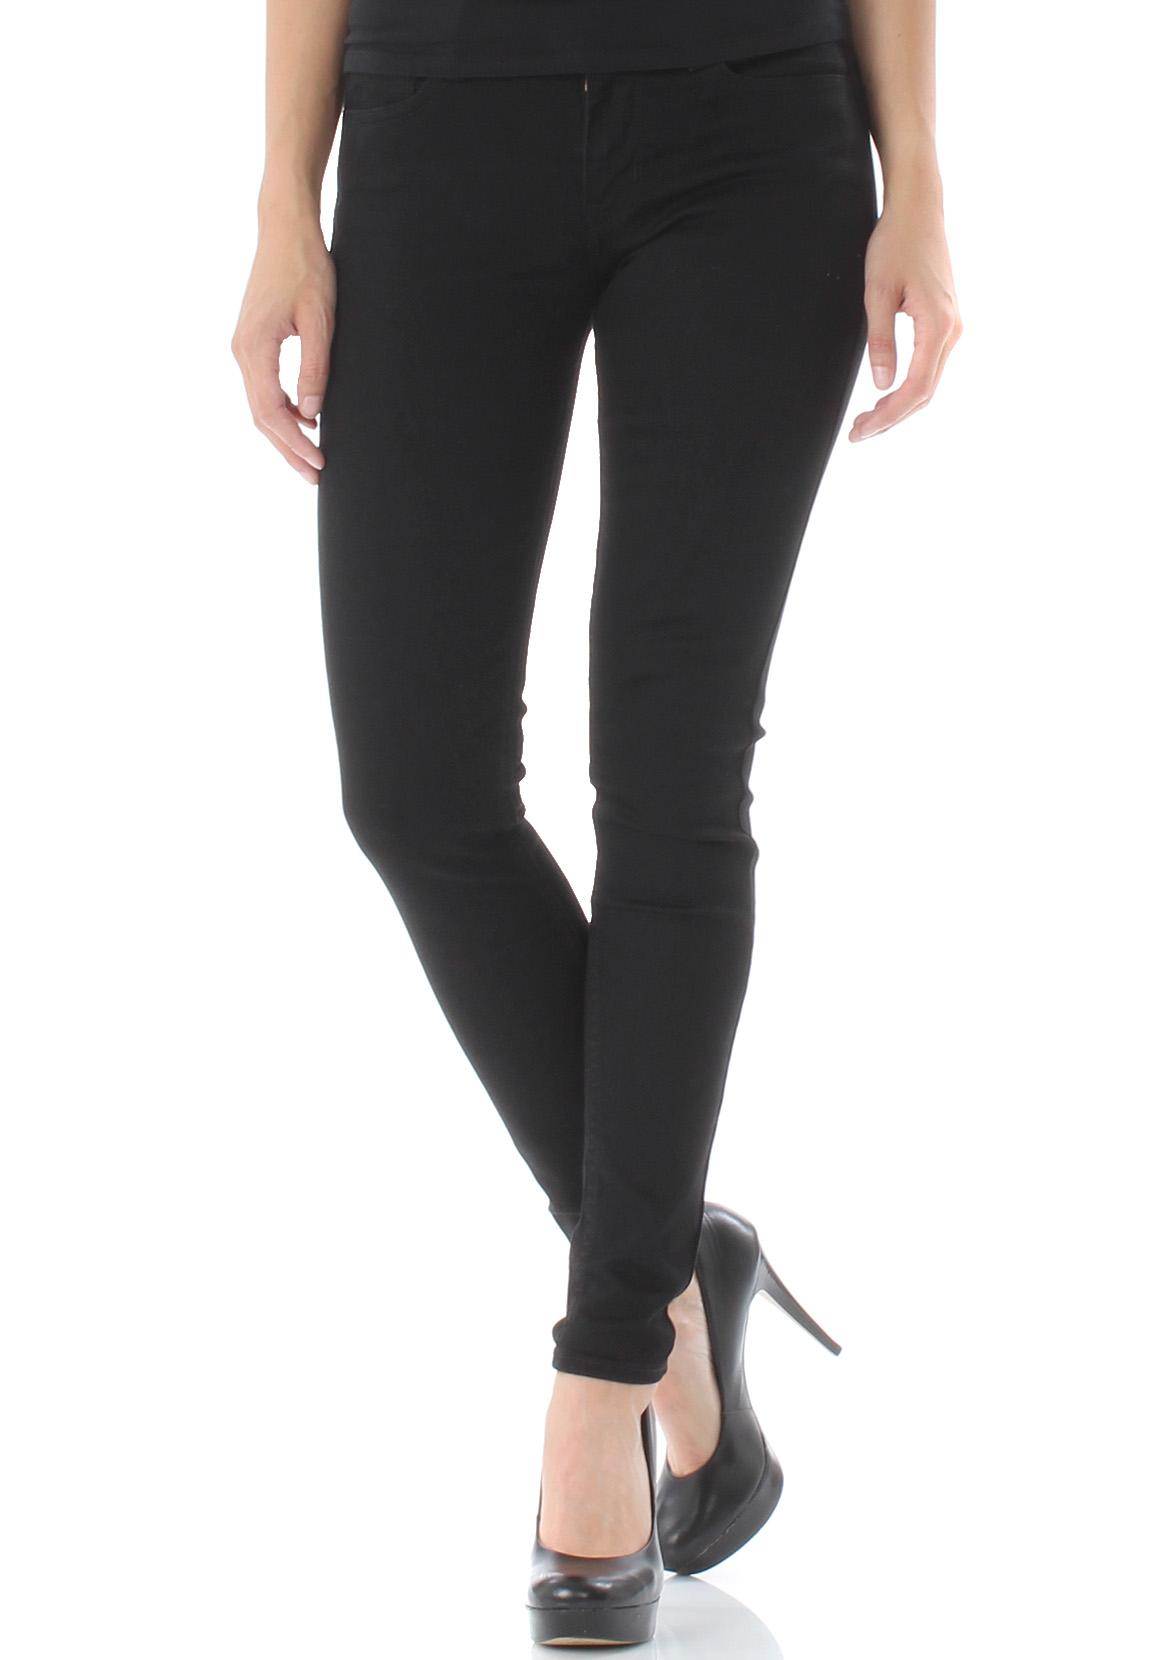 levis damen jeans 710 super skinny 17780 0039 schwarz damen jeans hosen. Black Bedroom Furniture Sets. Home Design Ideas